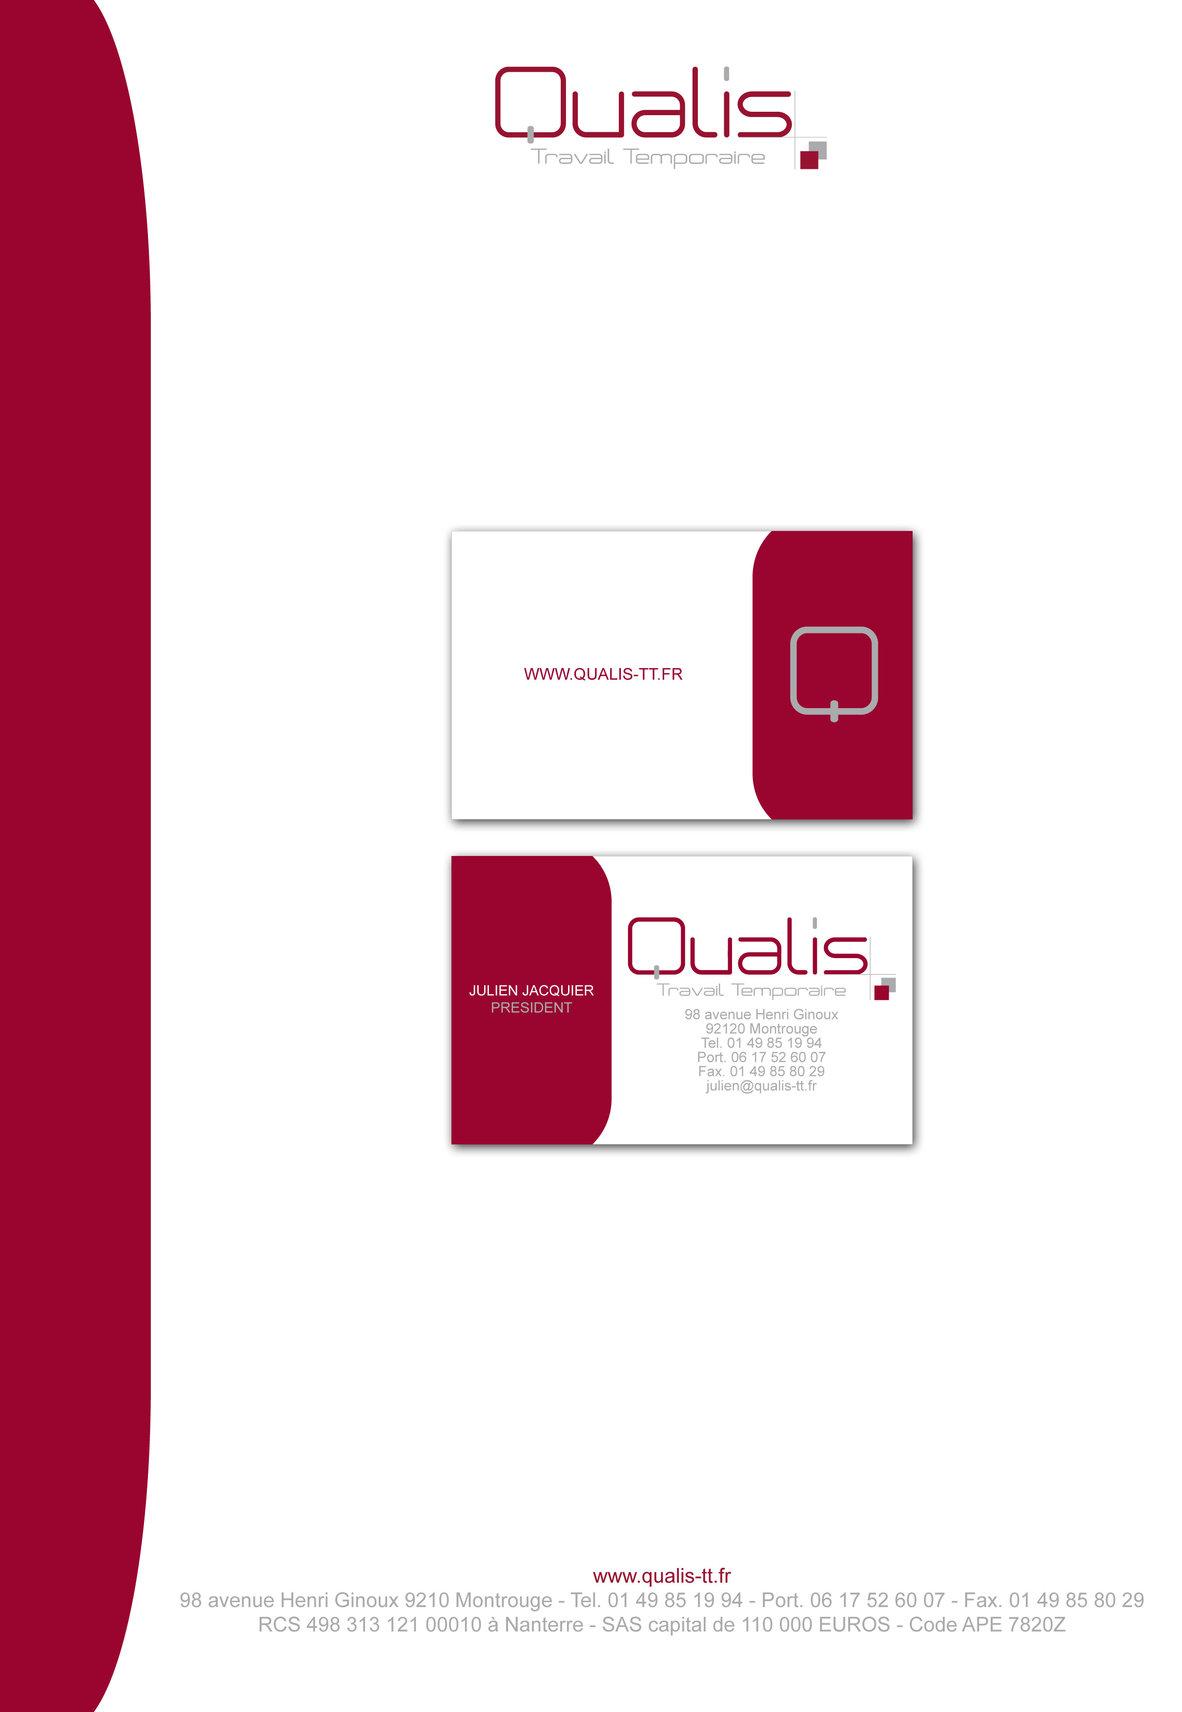 Mon Book Graphiste Multimedia Portfolio Papiers En Tte Et Cartes De Visite Pour Qualys Agence Dintrim